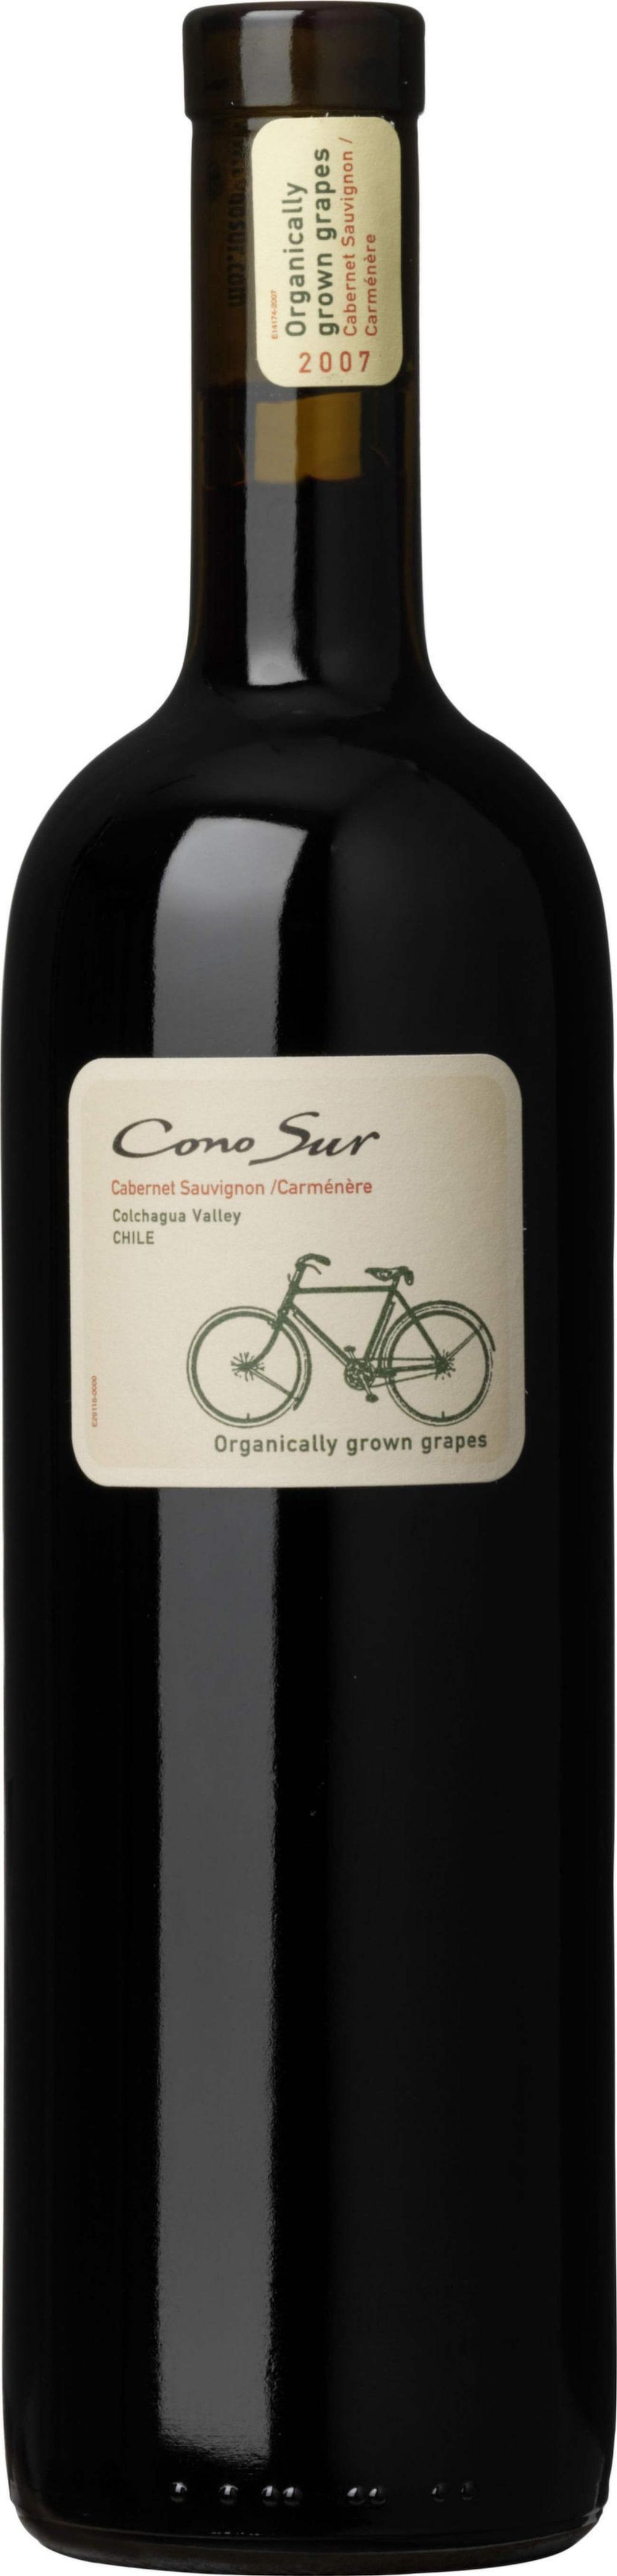 """Rött<br><strong>Cono Sur Cabernet Sauvignon Carmenere 2013 (6586) Chile, 89 kr</strong><br>Smak av mogna svarta vinbär, örter och lite rostade toner. Fin, generös och mjuk eftersmak. Gott till en grillad biff med örtsmör och pommes.<br><exp:icon type=""""wasp""""></exp:icon><exp:icon type=""""wasp""""></exp:icon><exp:icon type=""""wasp""""></exp:icon><exp:icon type=""""wasp""""></exp:icon><span></span>"""